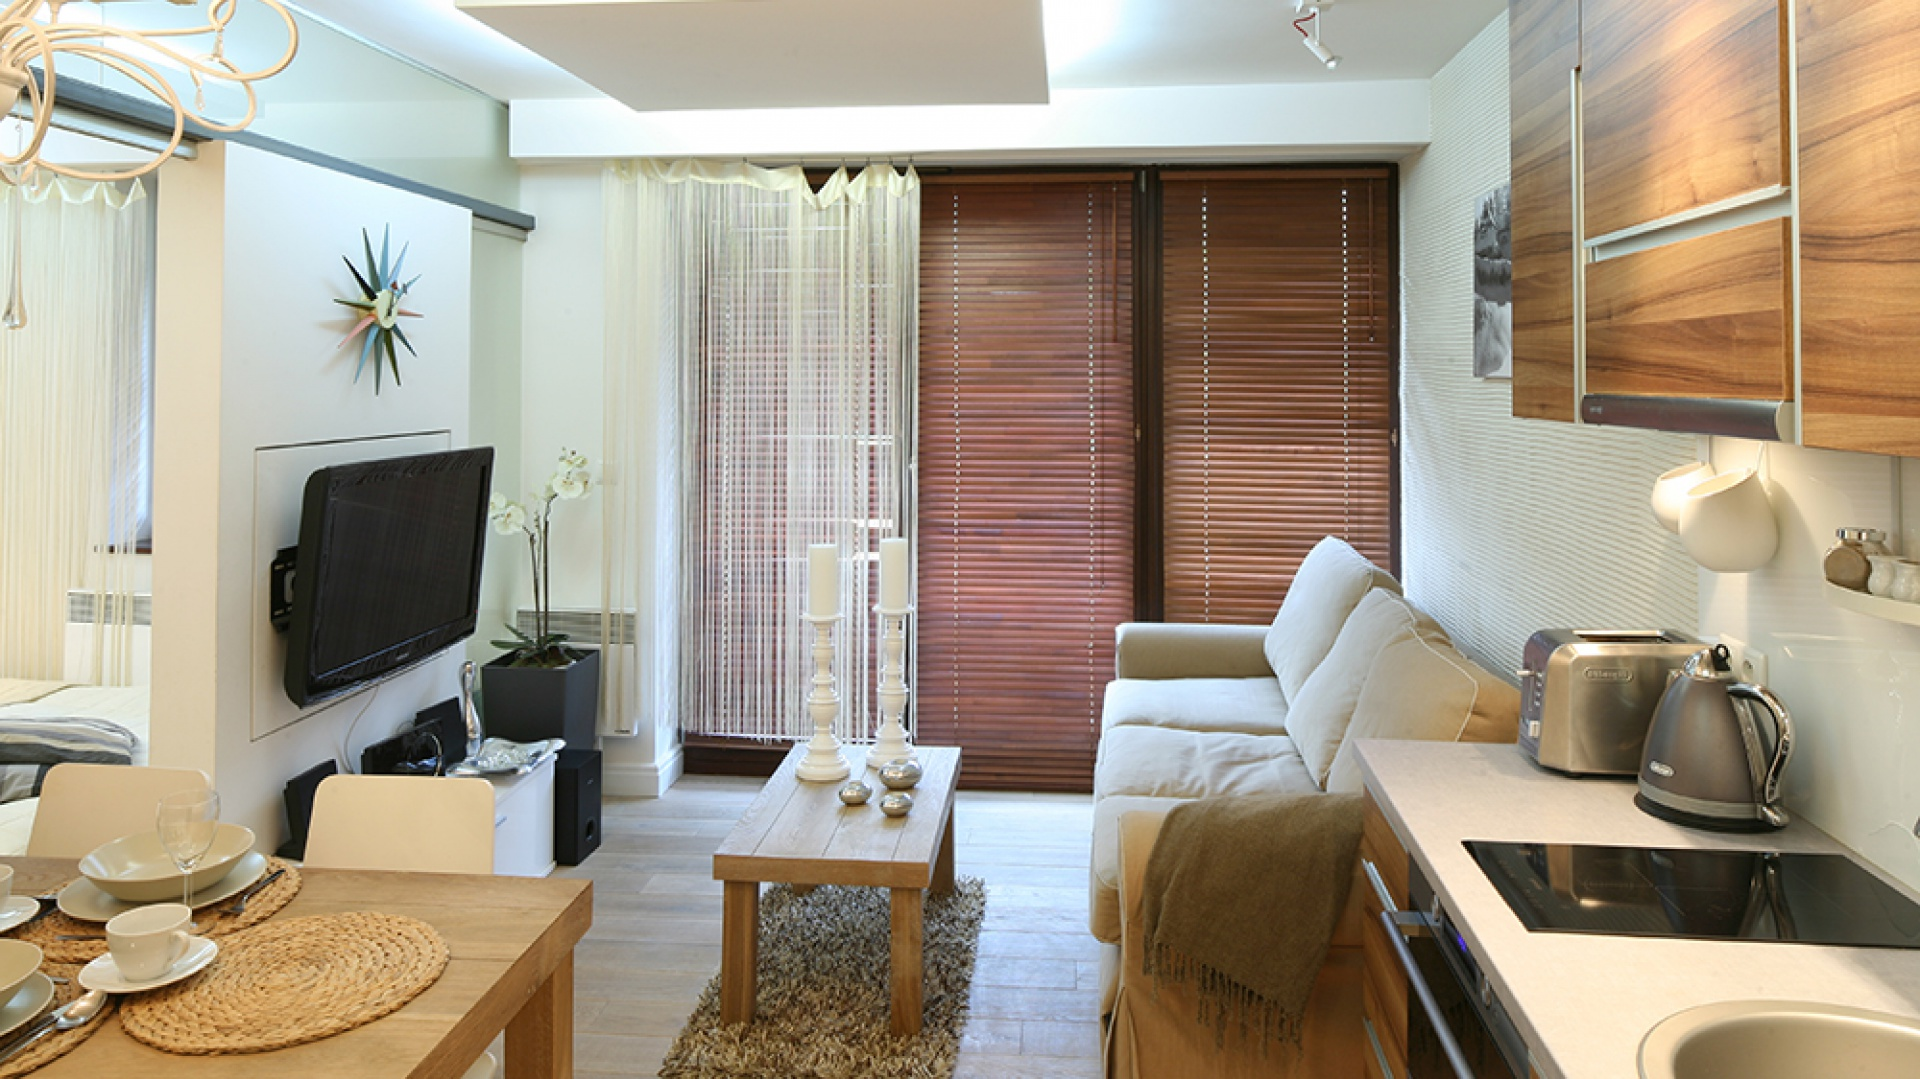 Wygodna kanapa zachęcająca do odpoczynku i ogromne okna to atuty nie do przecenienia. Fot. Bartosz Jarosz.